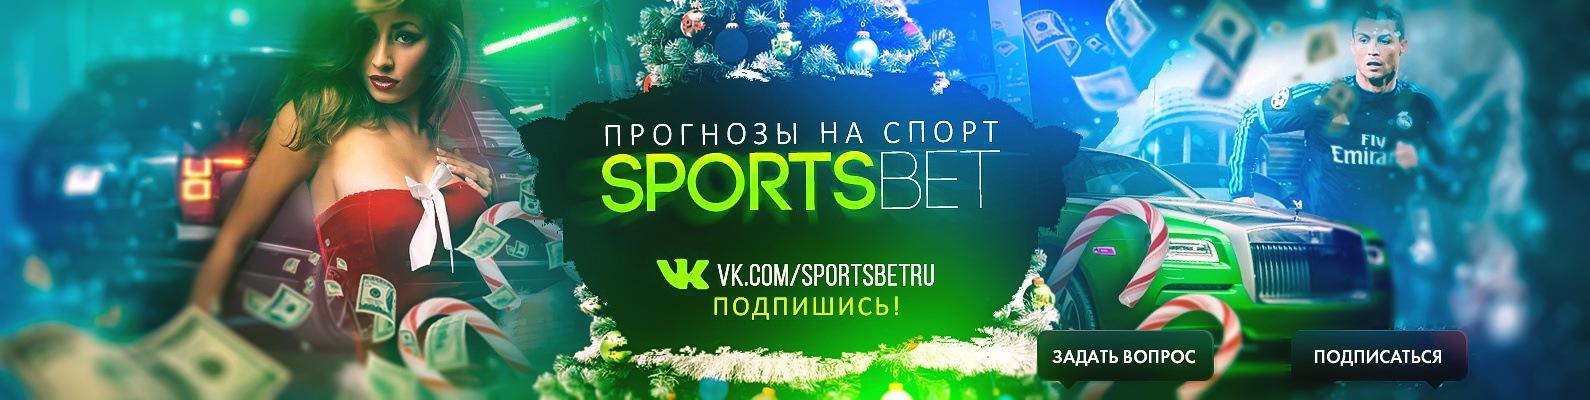 Смотреть точный прогноз на спорт